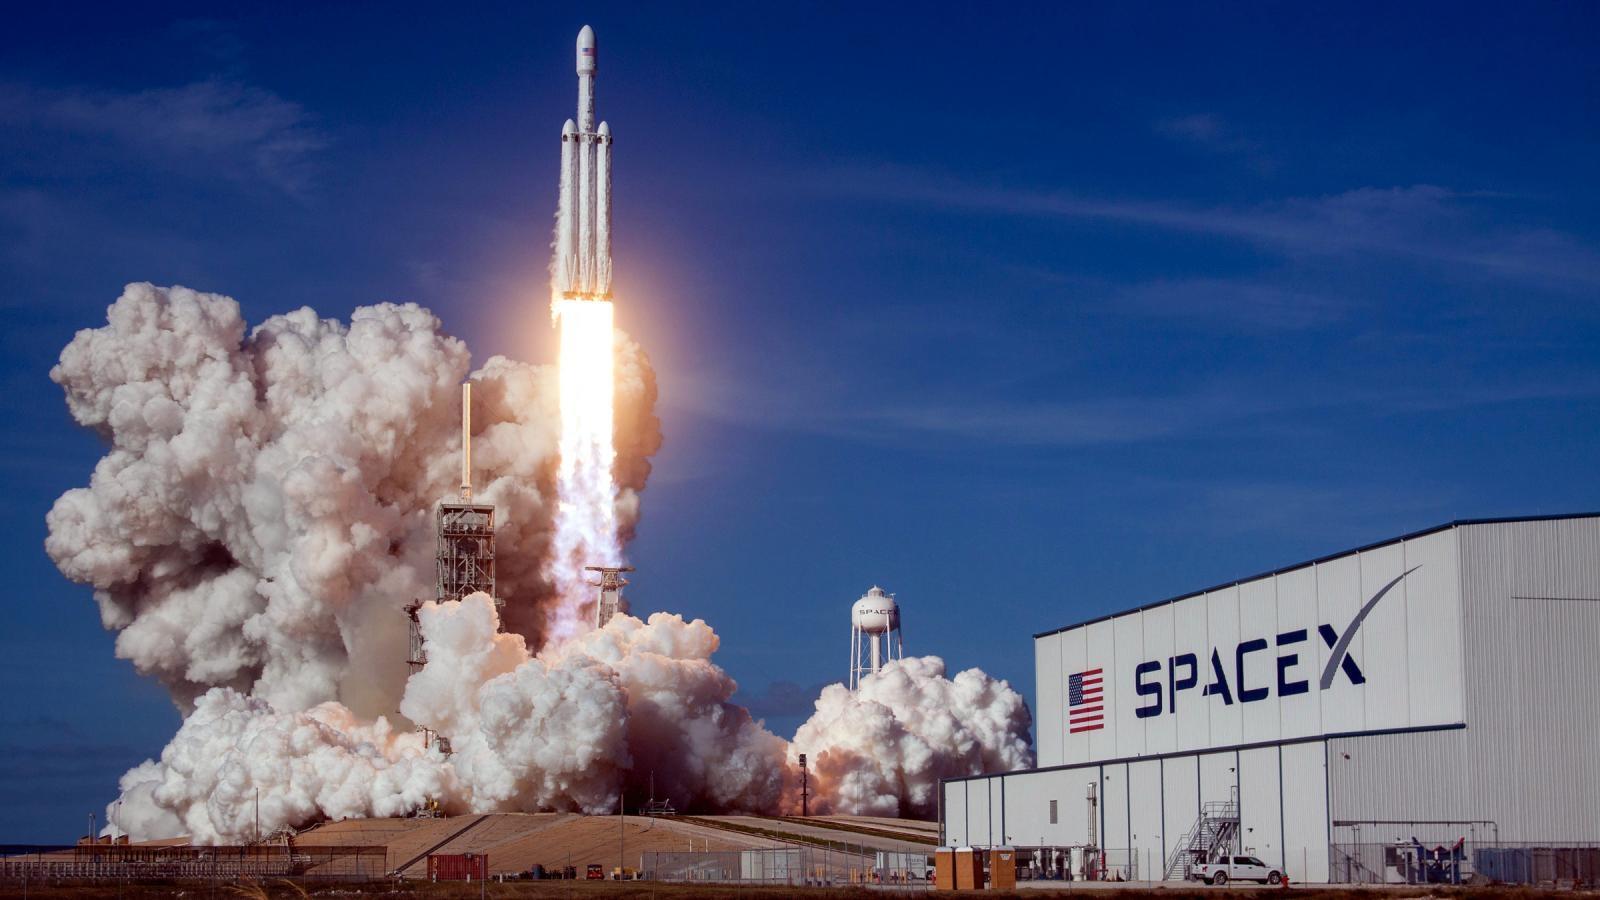 СпейсЕкс праща в орбита само аматьори